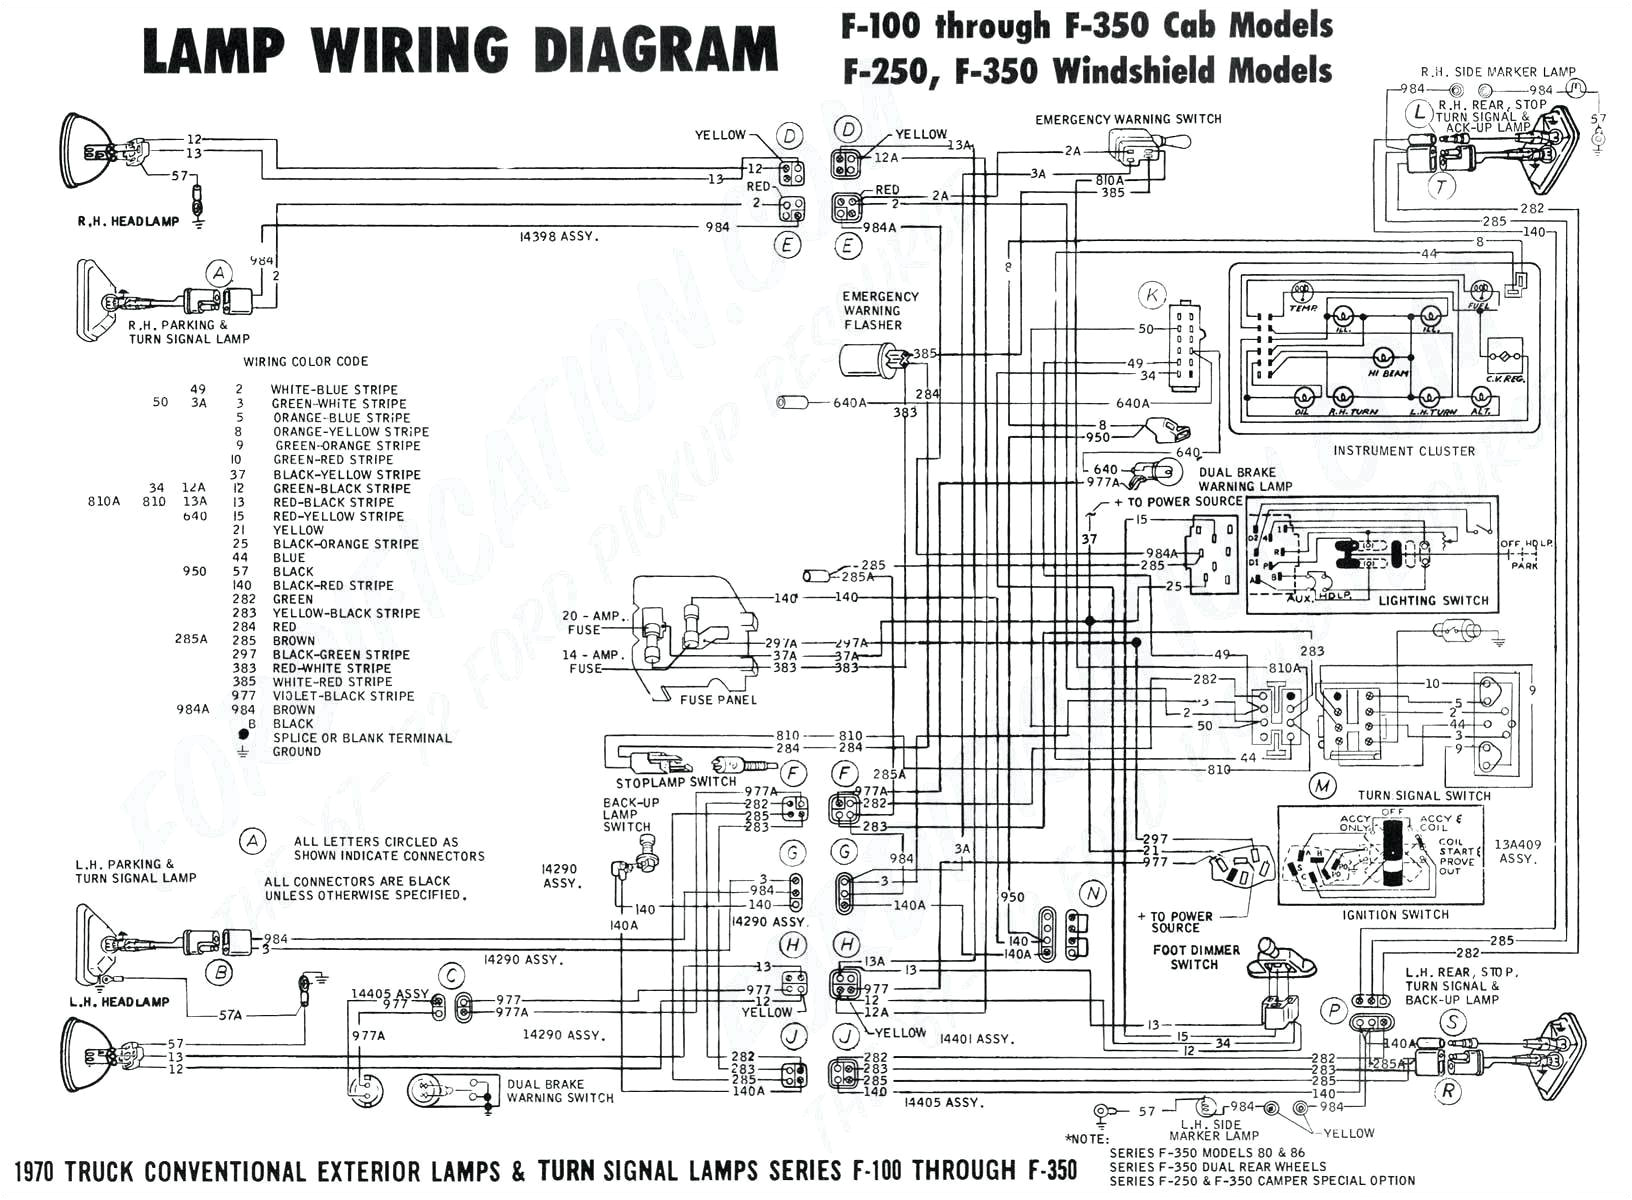 ae86 sr20 wiring harness schema wiring diagramsr20det engine wiring harness diagram wiring diagram view ae86 sr20